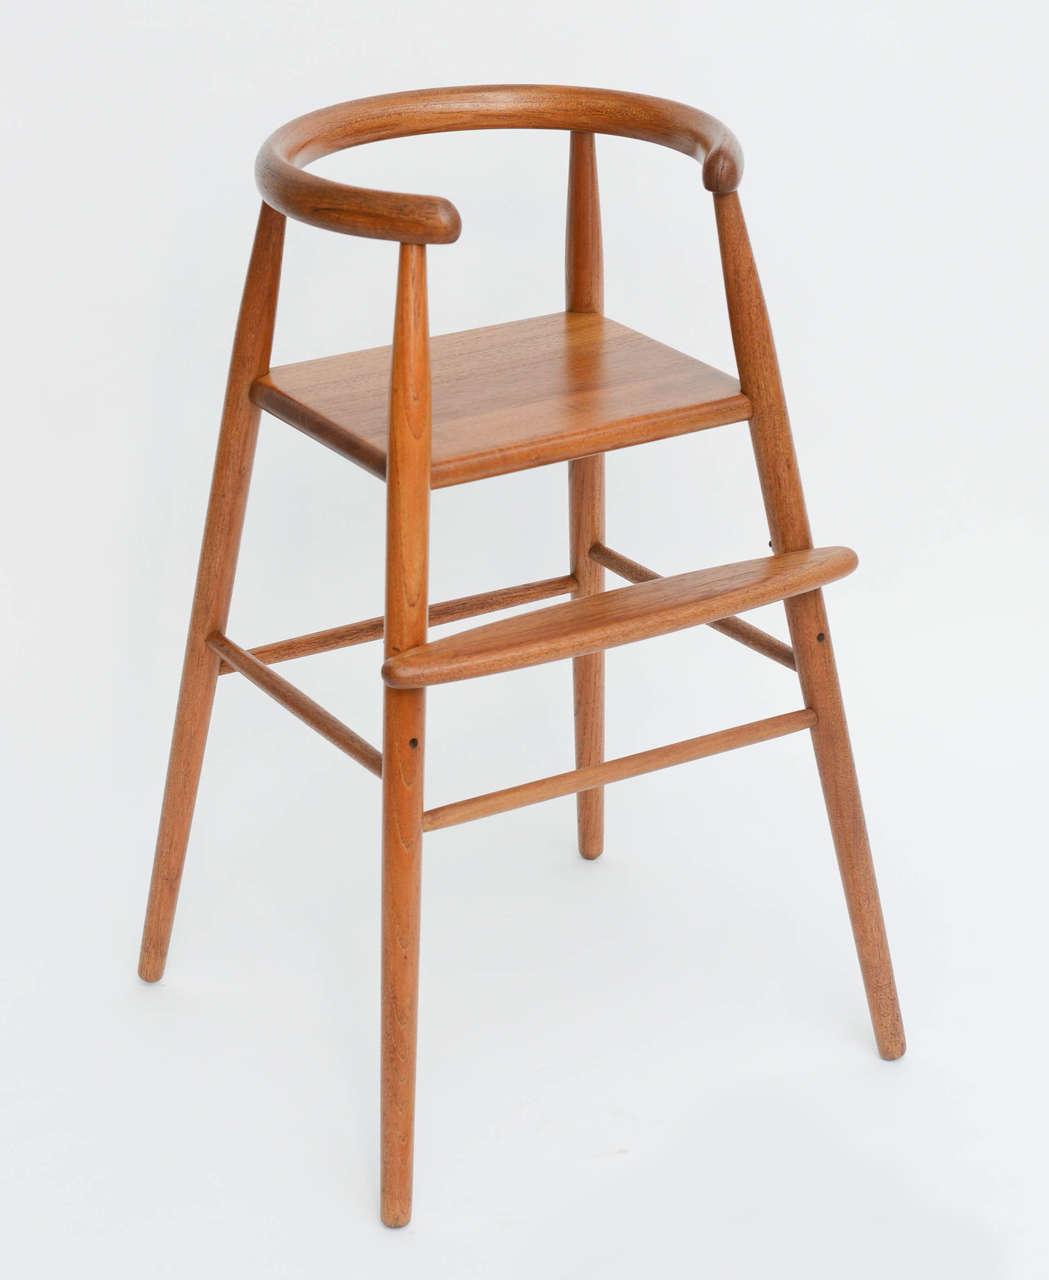 teak child's modern high chair nanna ditzel for kolds savvaerk for  - teak child's modern high chair nanna ditzel for kolds savvaerk